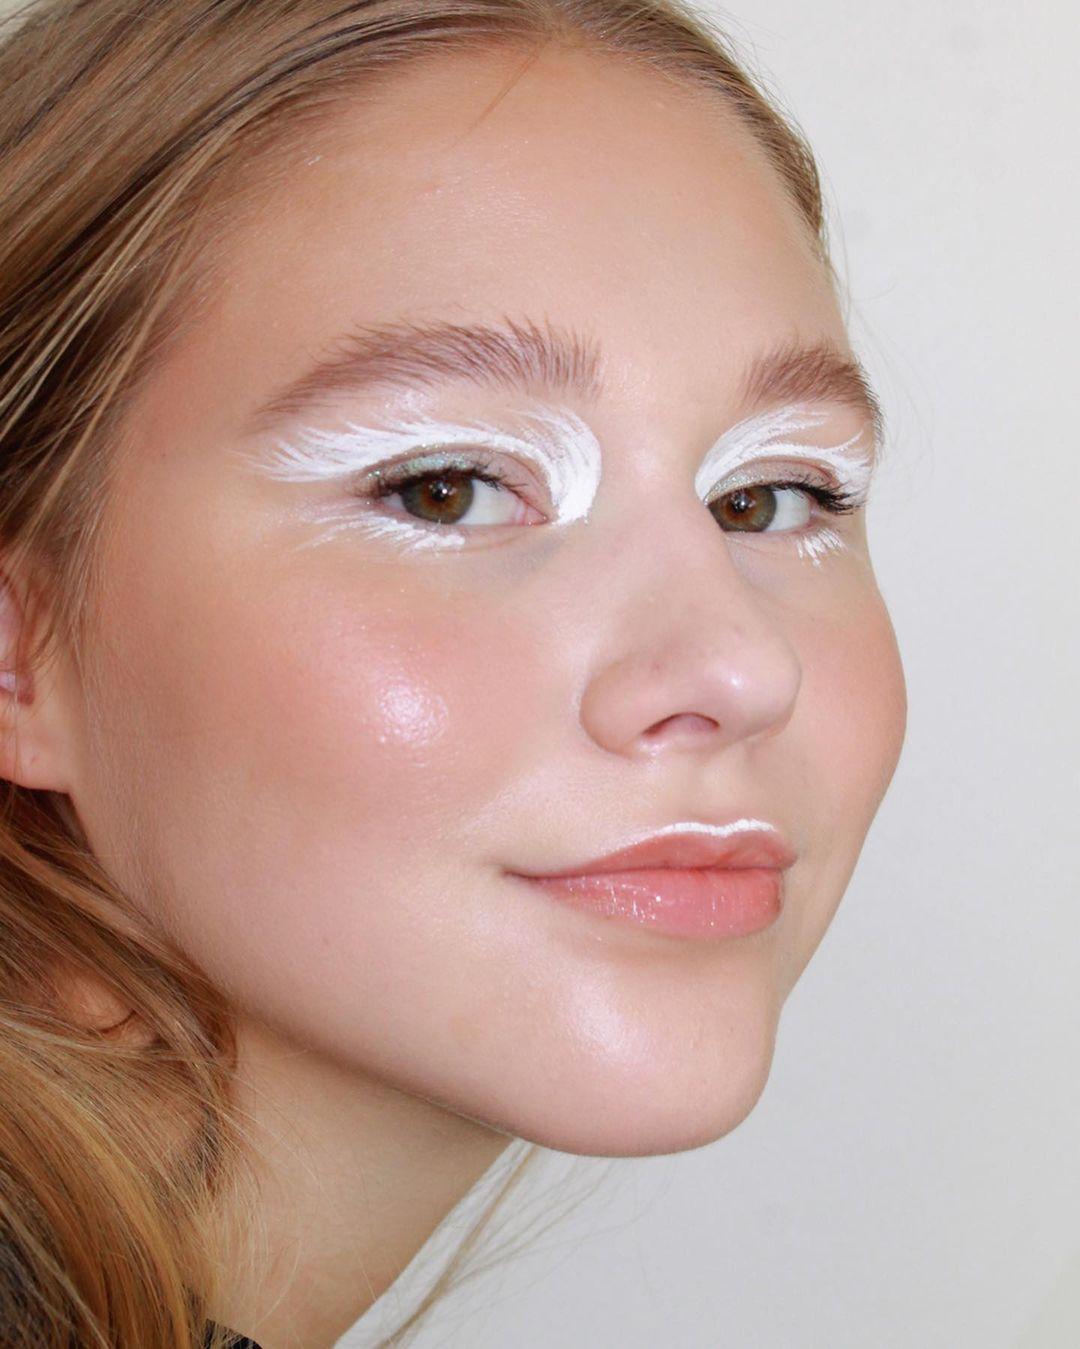 tendencia angel core aesthetic delineado formato asas brancas nos olhos